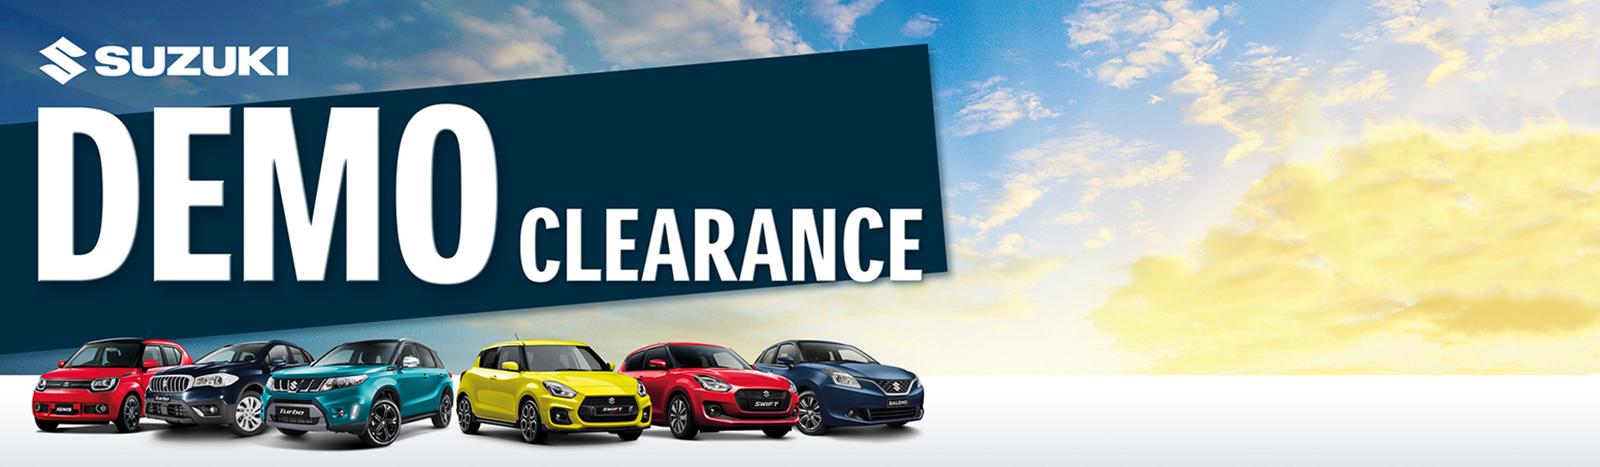 Suzuki Demo Clearance